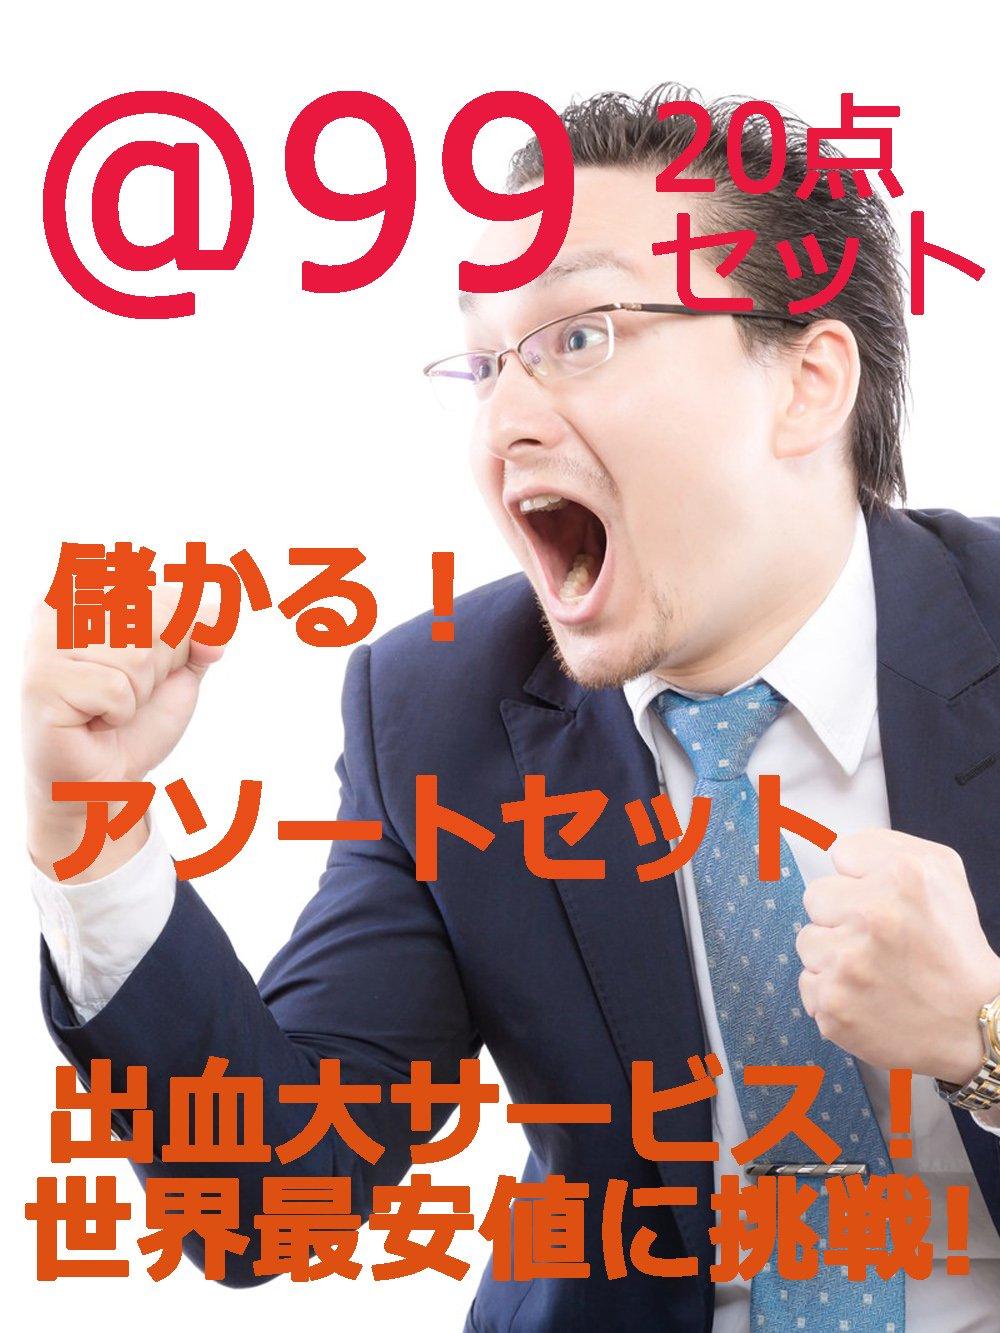 ■30セット限定!【出血大サービス!世界最安値】儲かるアソートセット@99